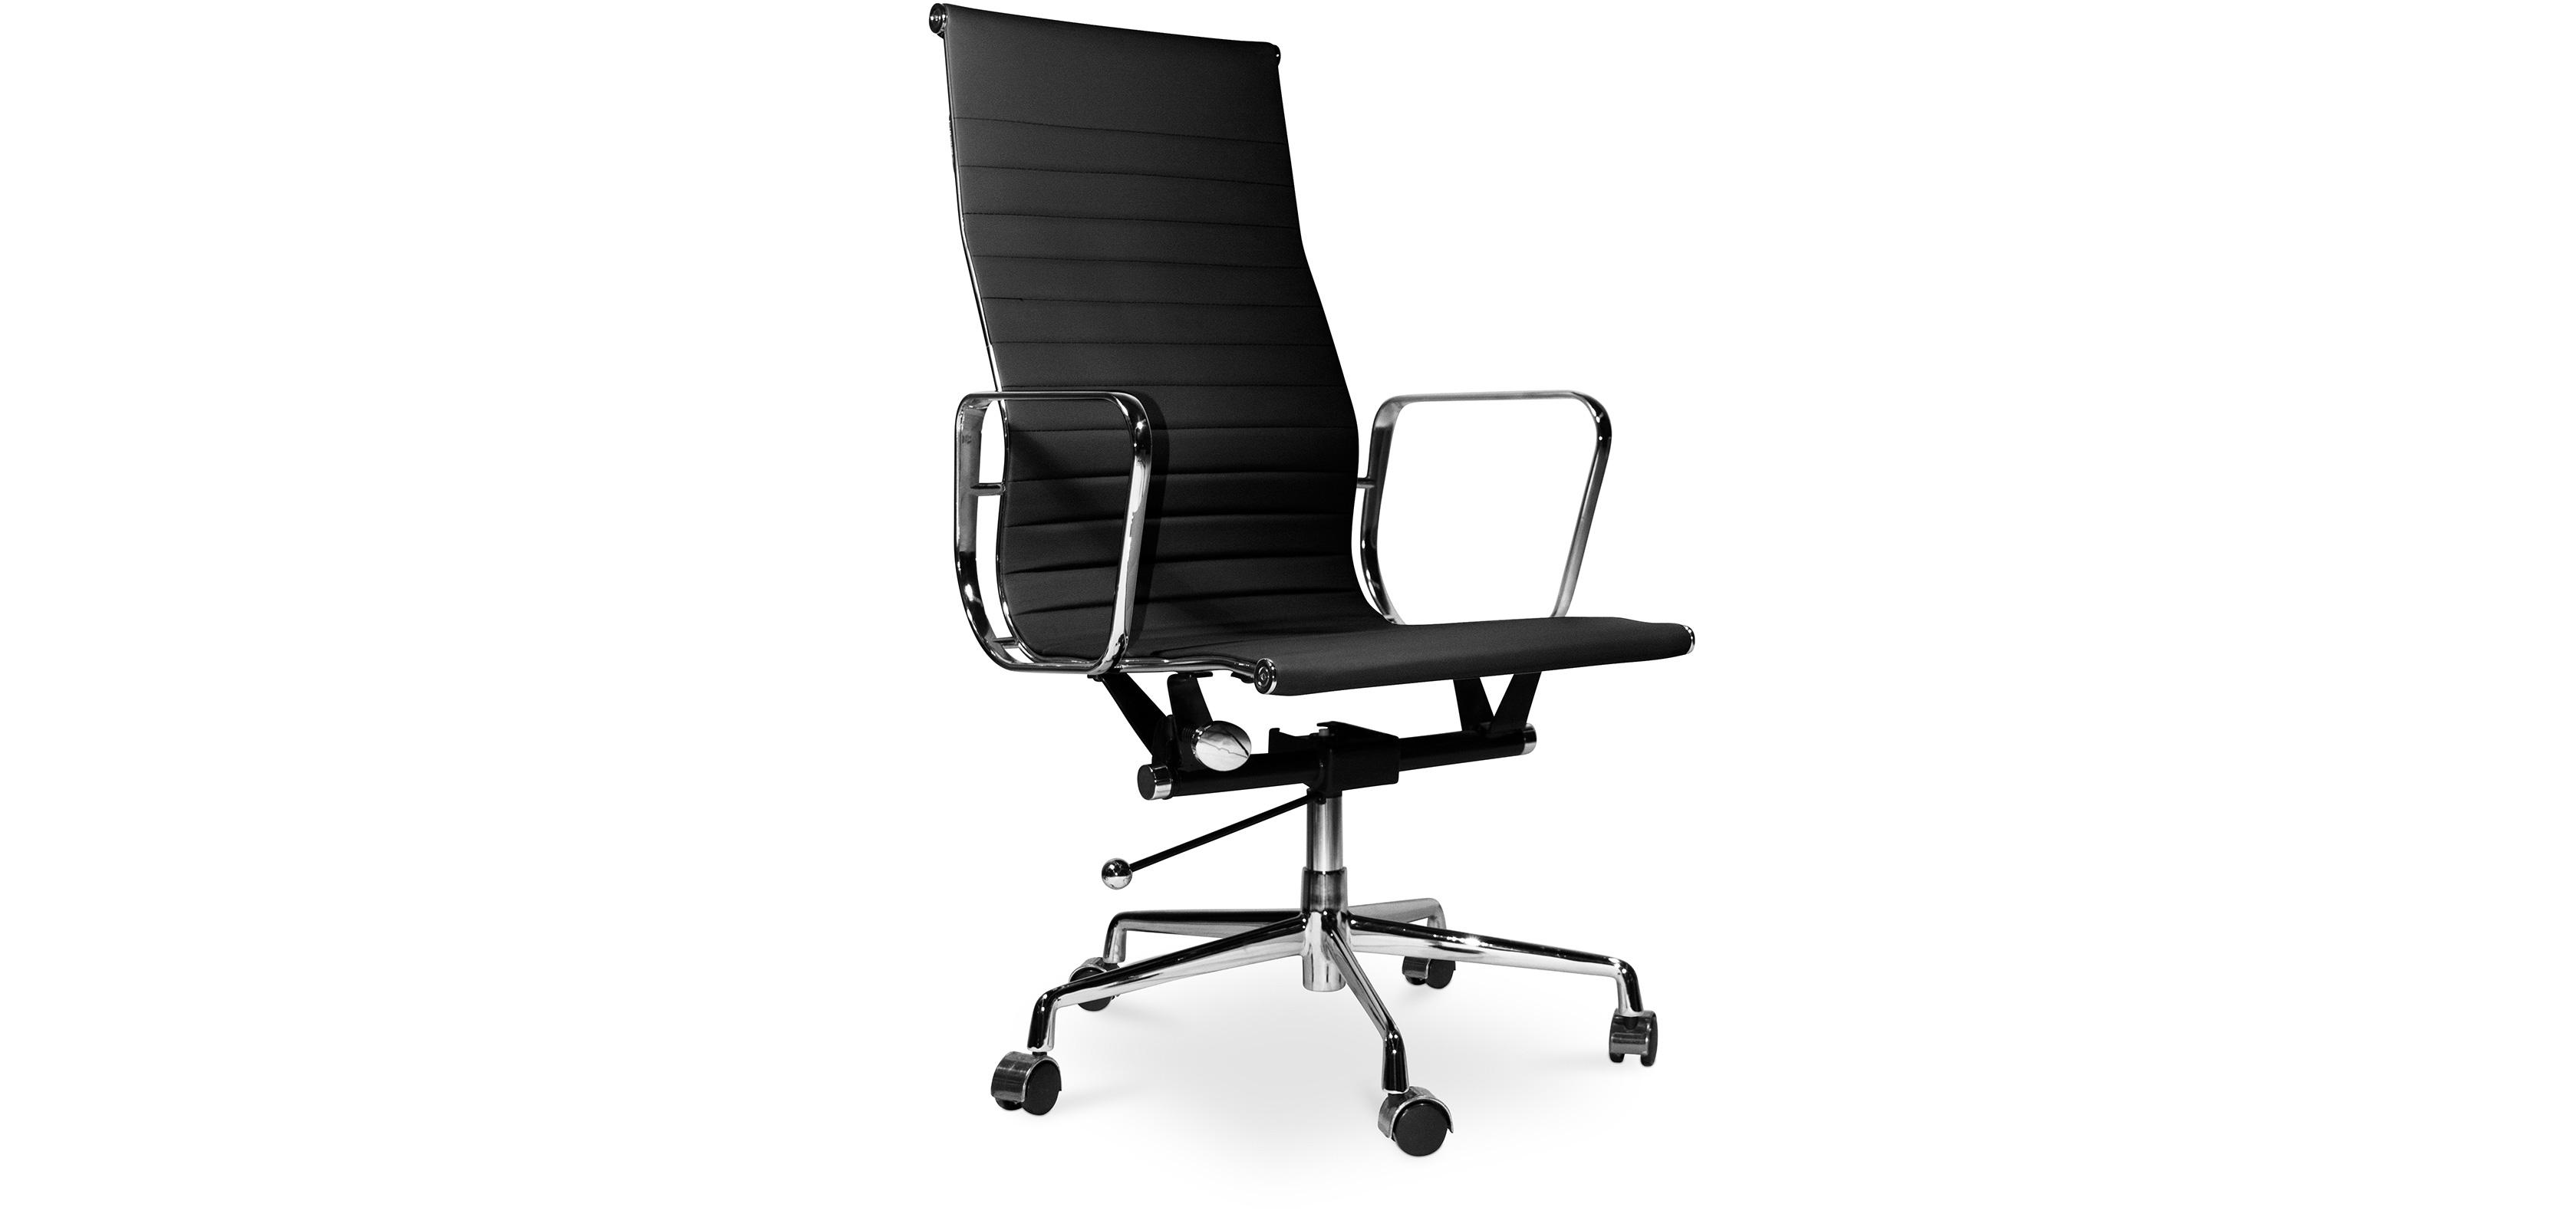 chaise bureau 219 simili cuir roulette. Black Bedroom Furniture Sets. Home Design Ideas